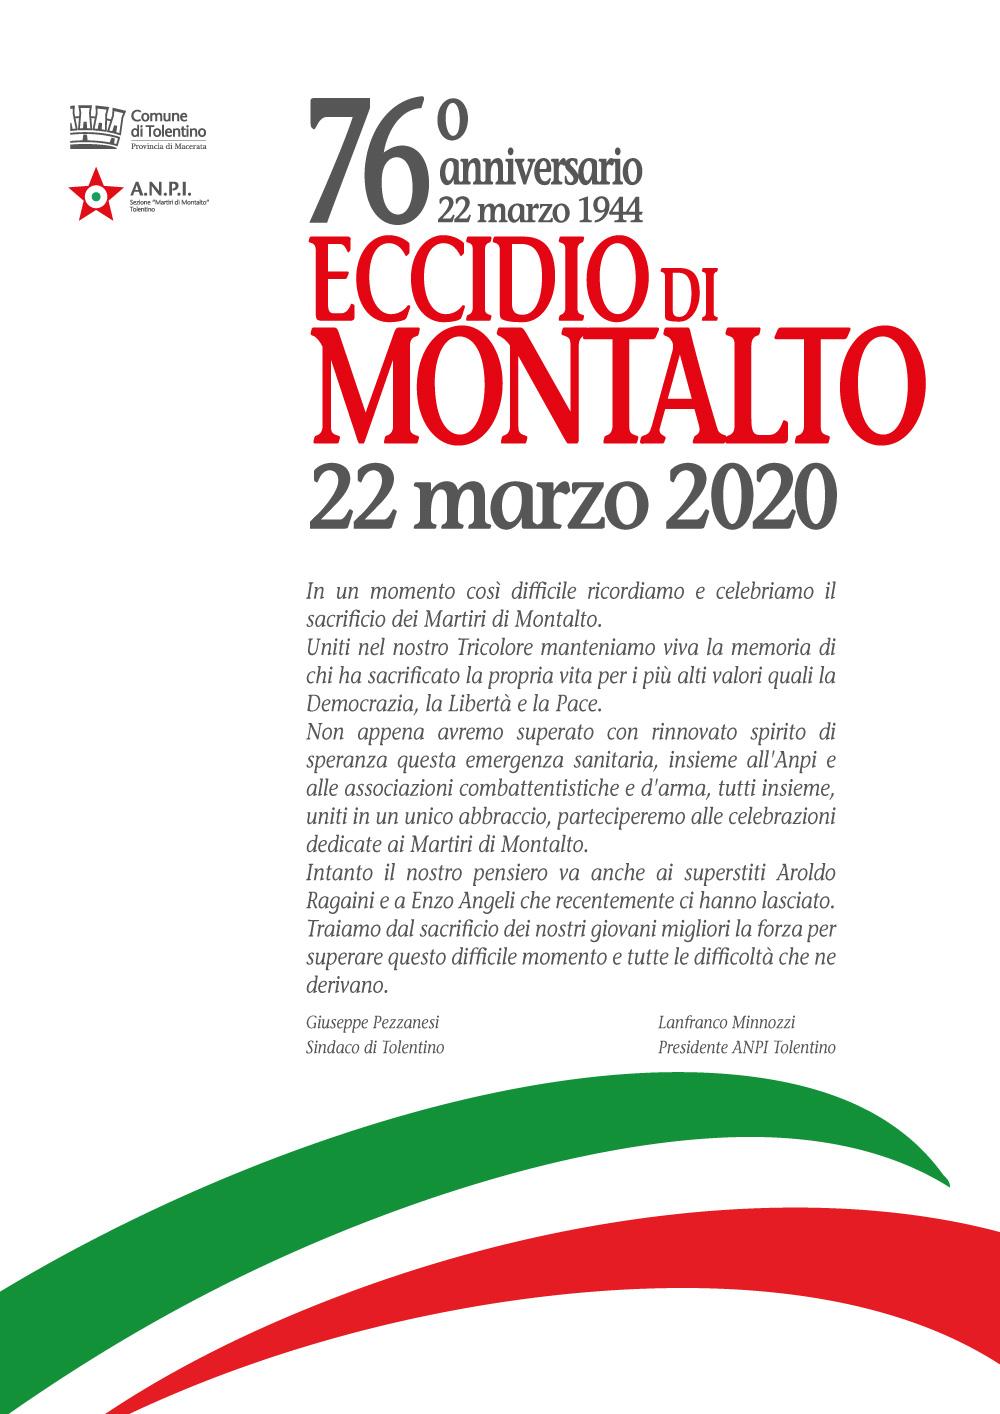 manifesto_montalto_2020